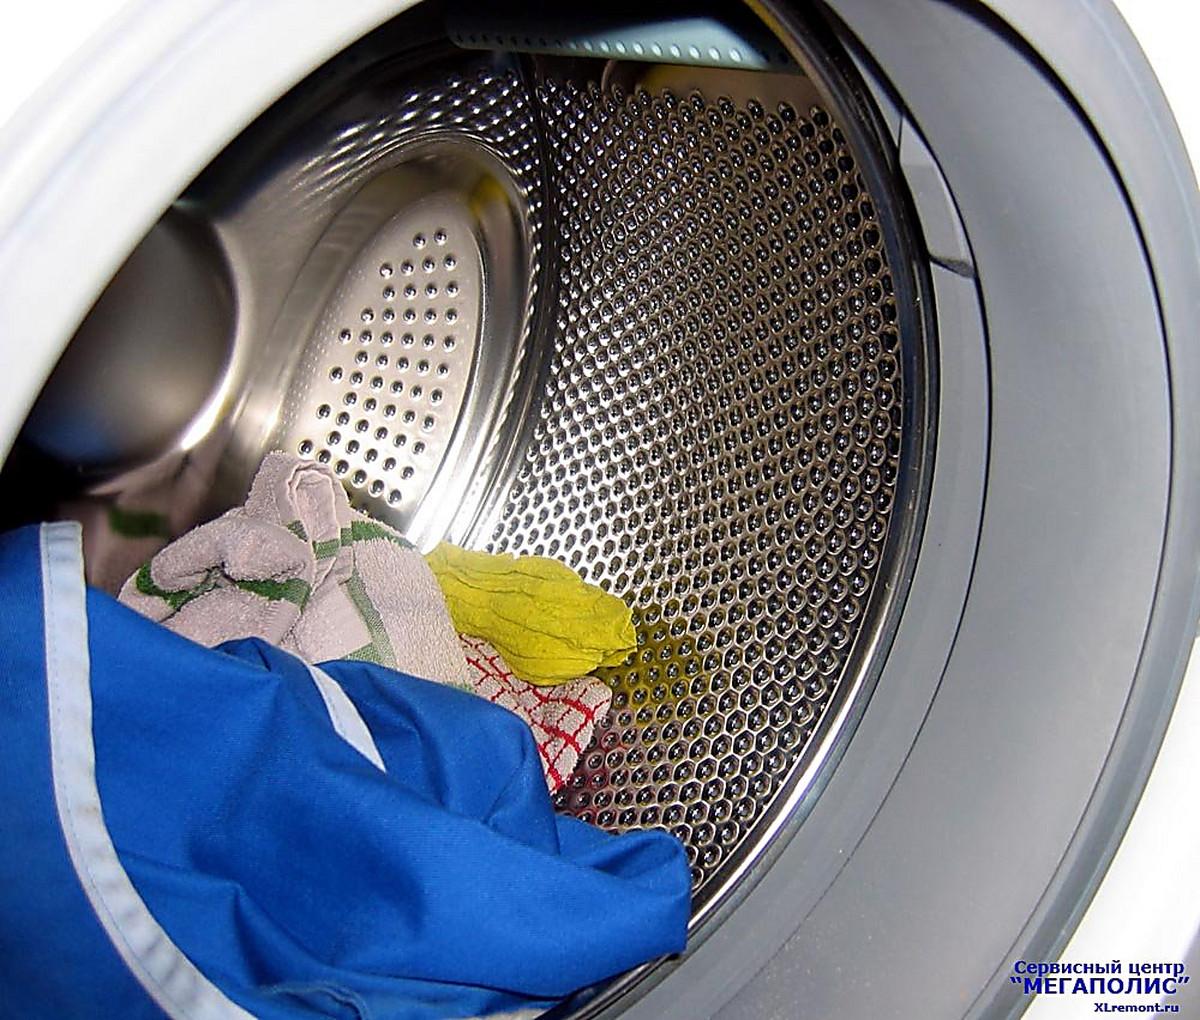 Отремонтировать стиральную машину Скаковая аллея ремонт стиральных машин bosch Столярный переулок